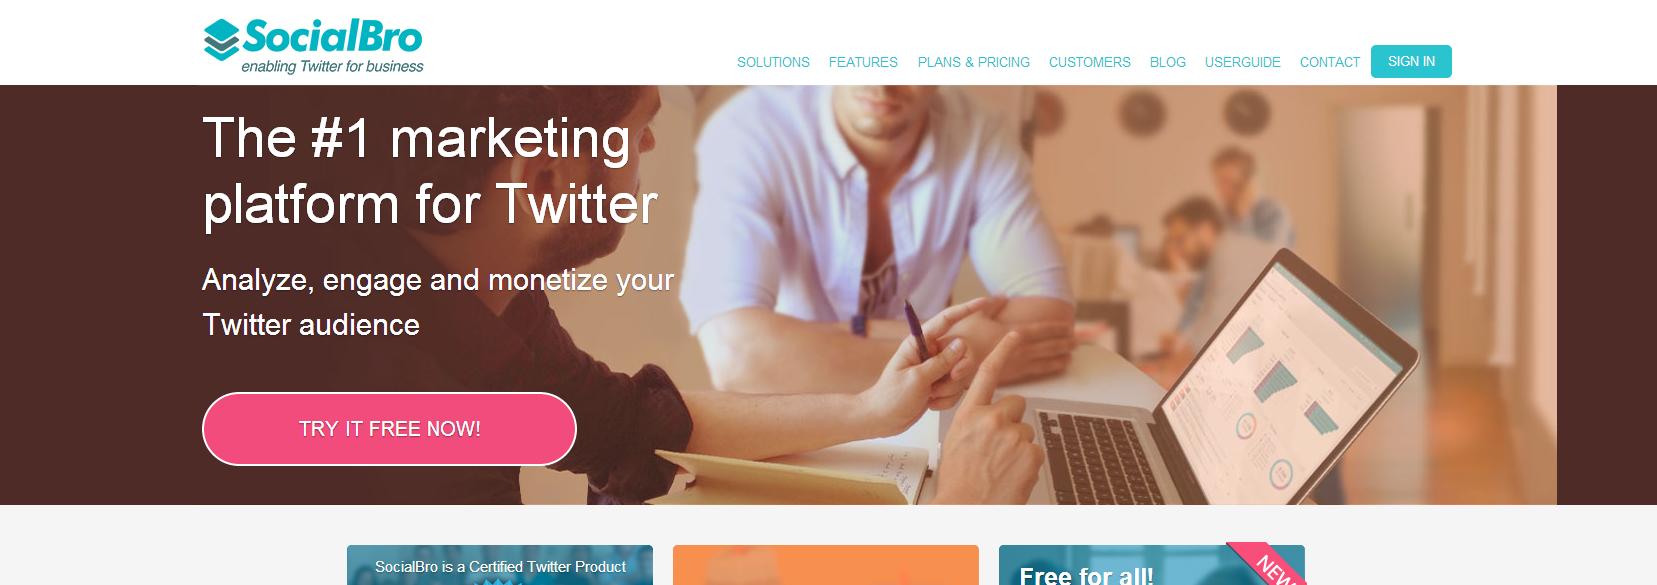 SocialBro complète mon Twitter !